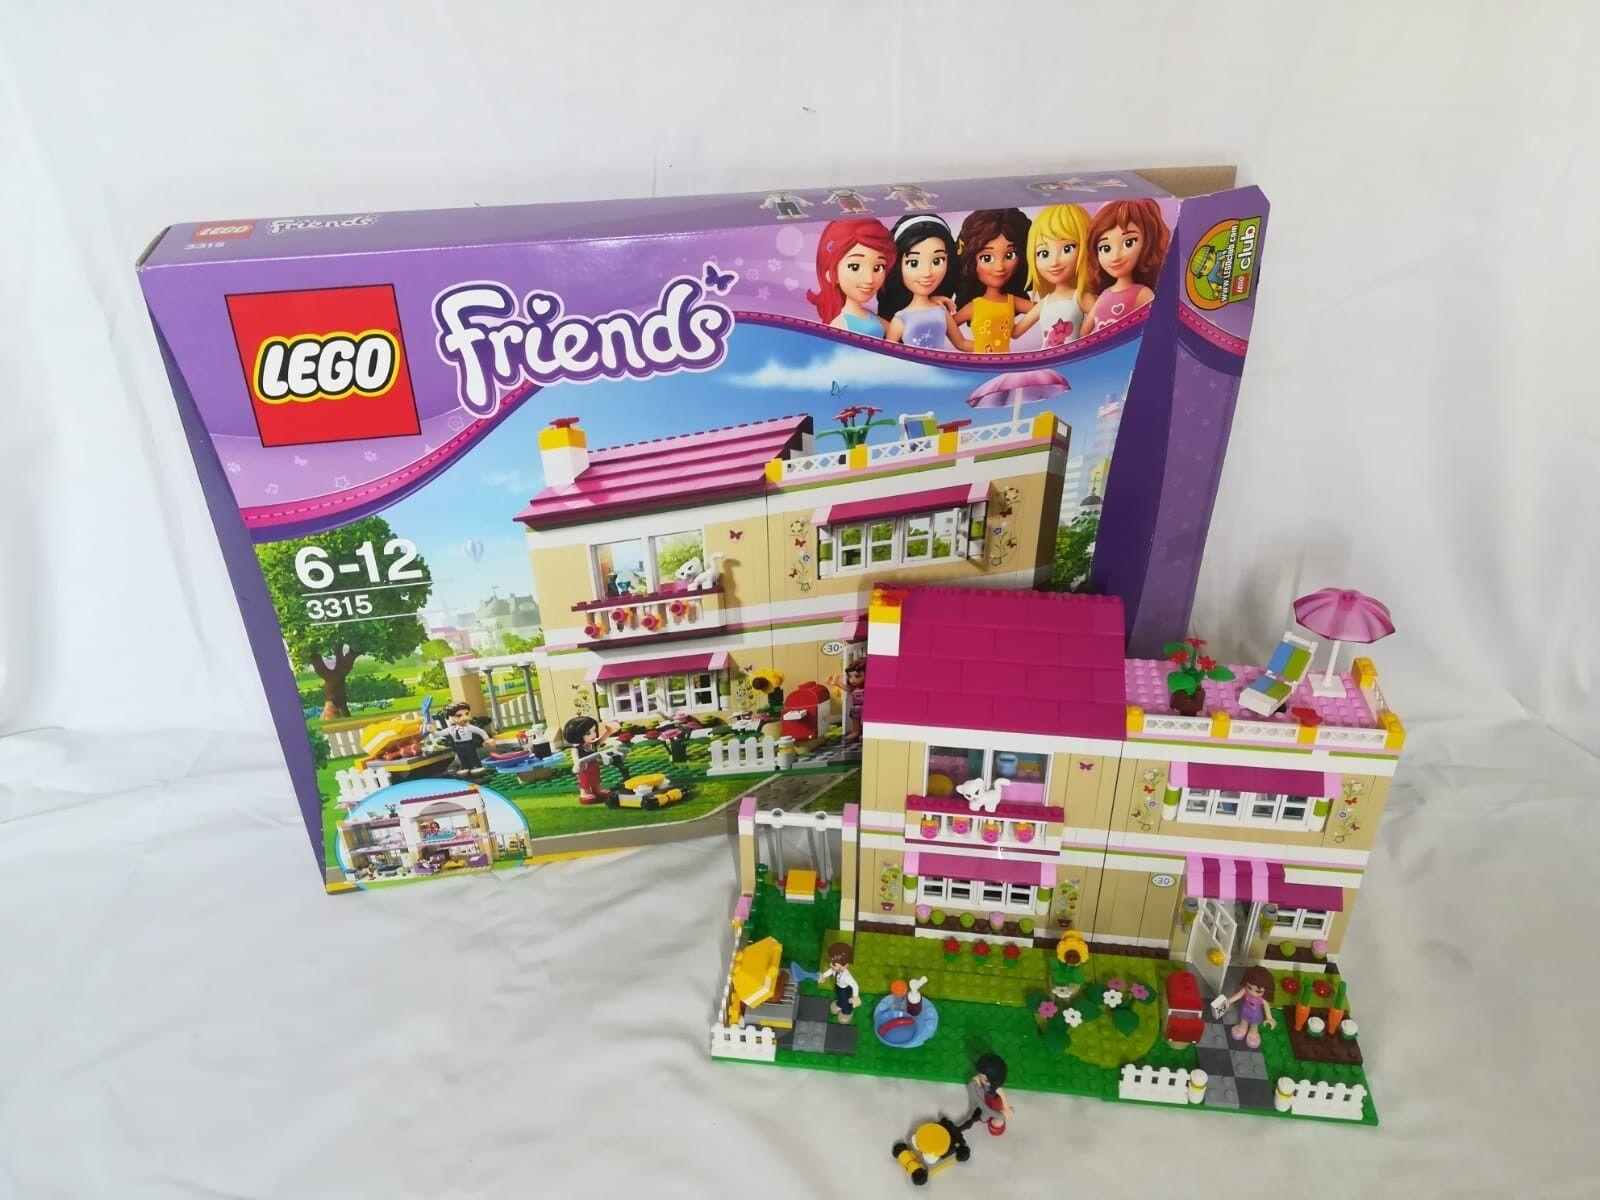 LEGO Friends Traumhaus (3315) in OVP mit Anleitung kompl. wenig bespielt